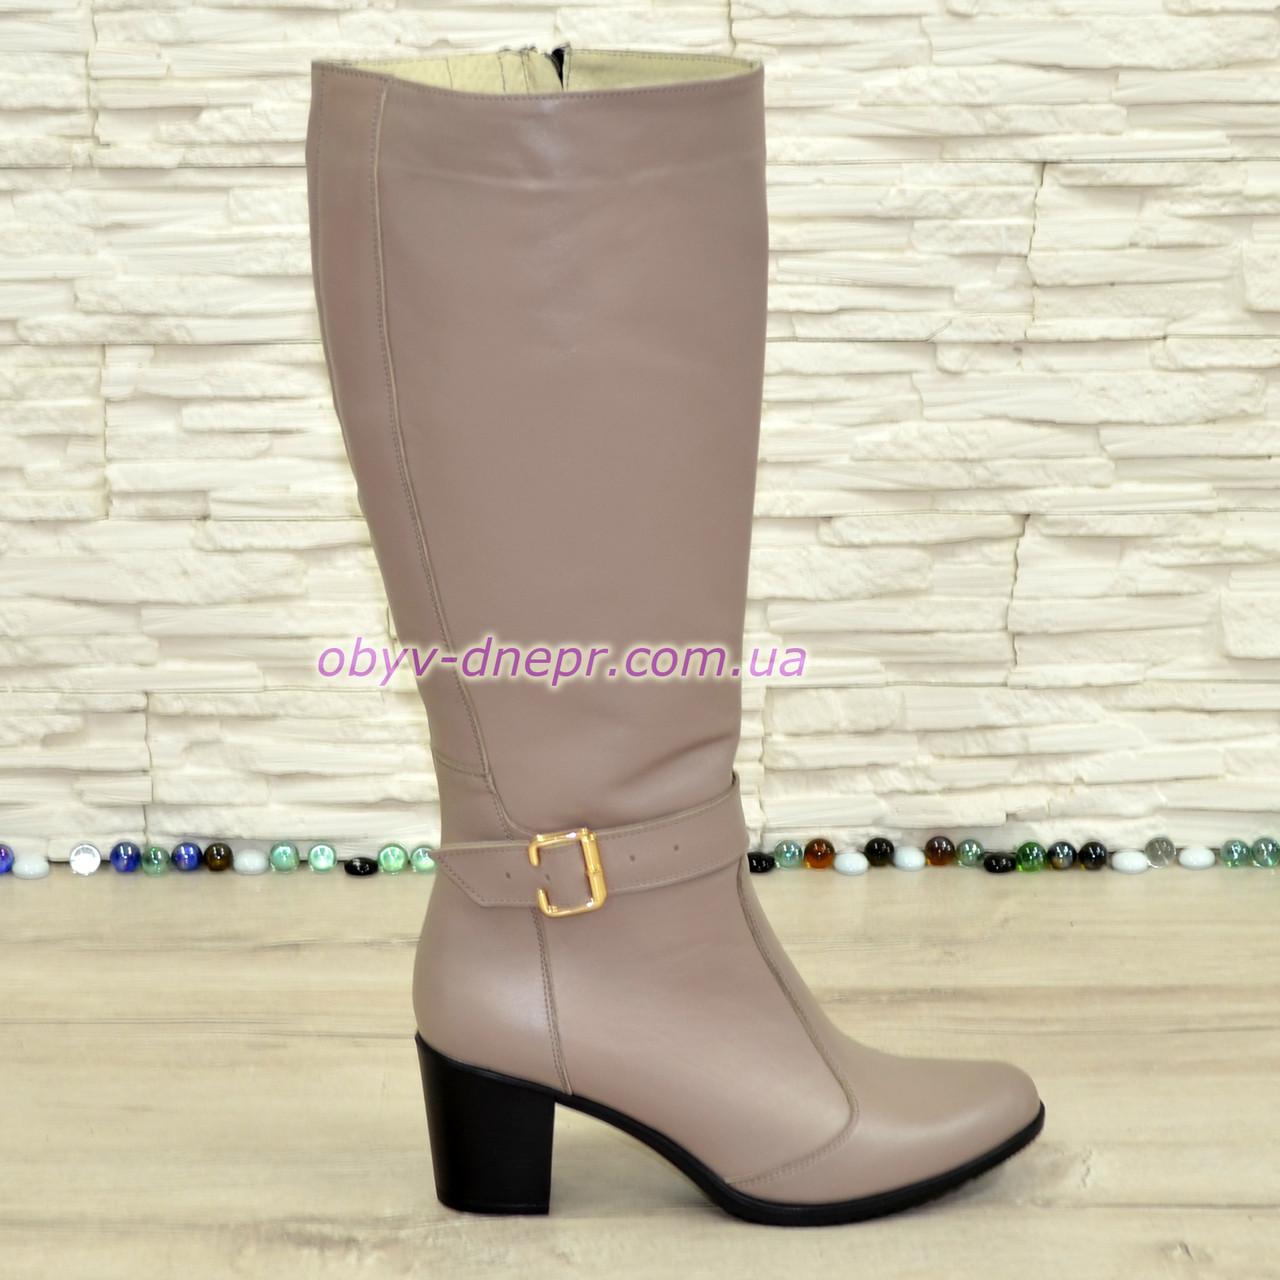 Сапоги женские кожаные, устойчивый каблук. Цвет визон.